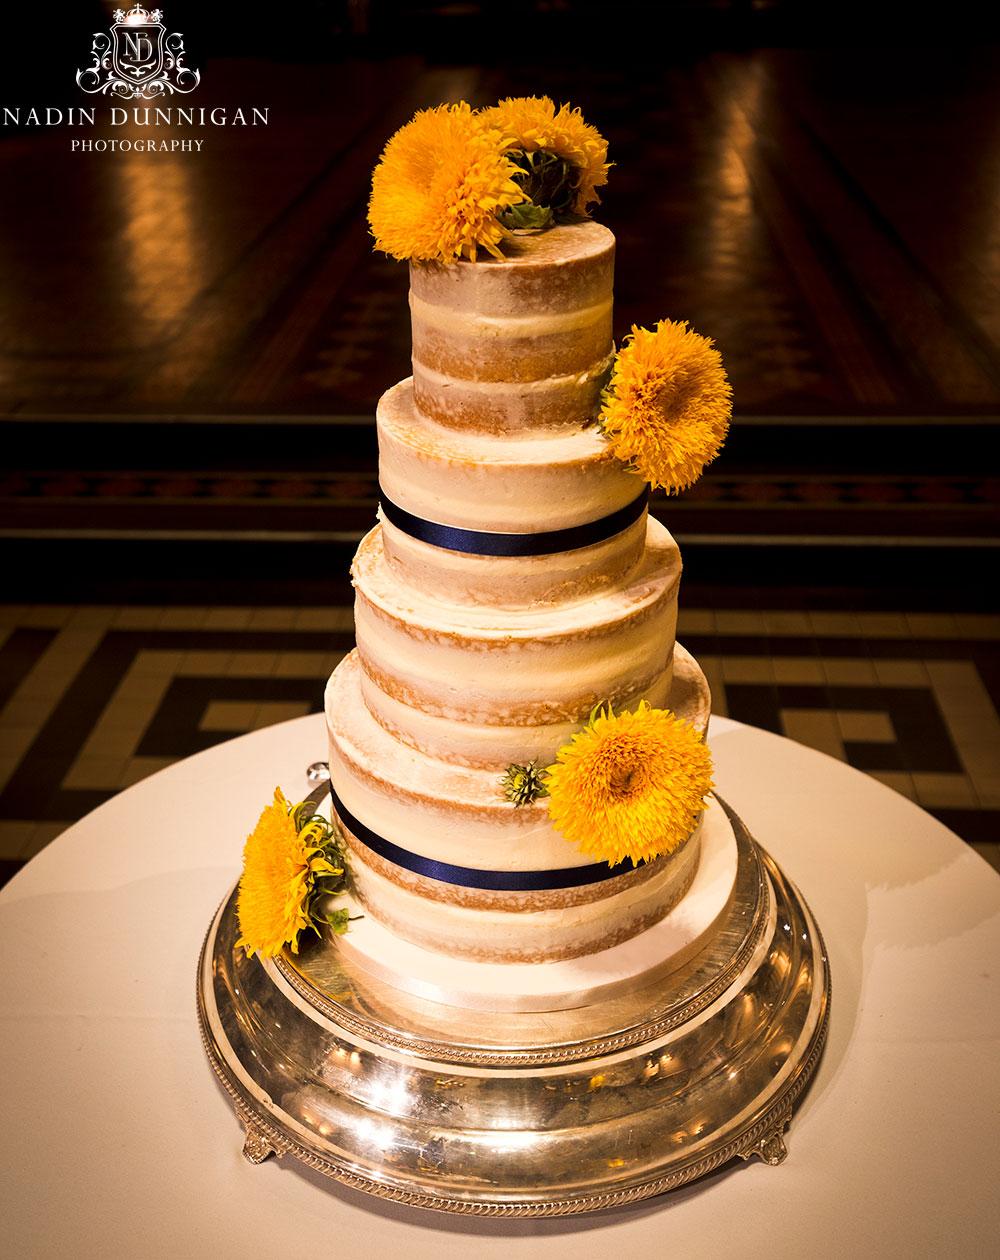 Semi-naked wedding cake, naked wedding cakes